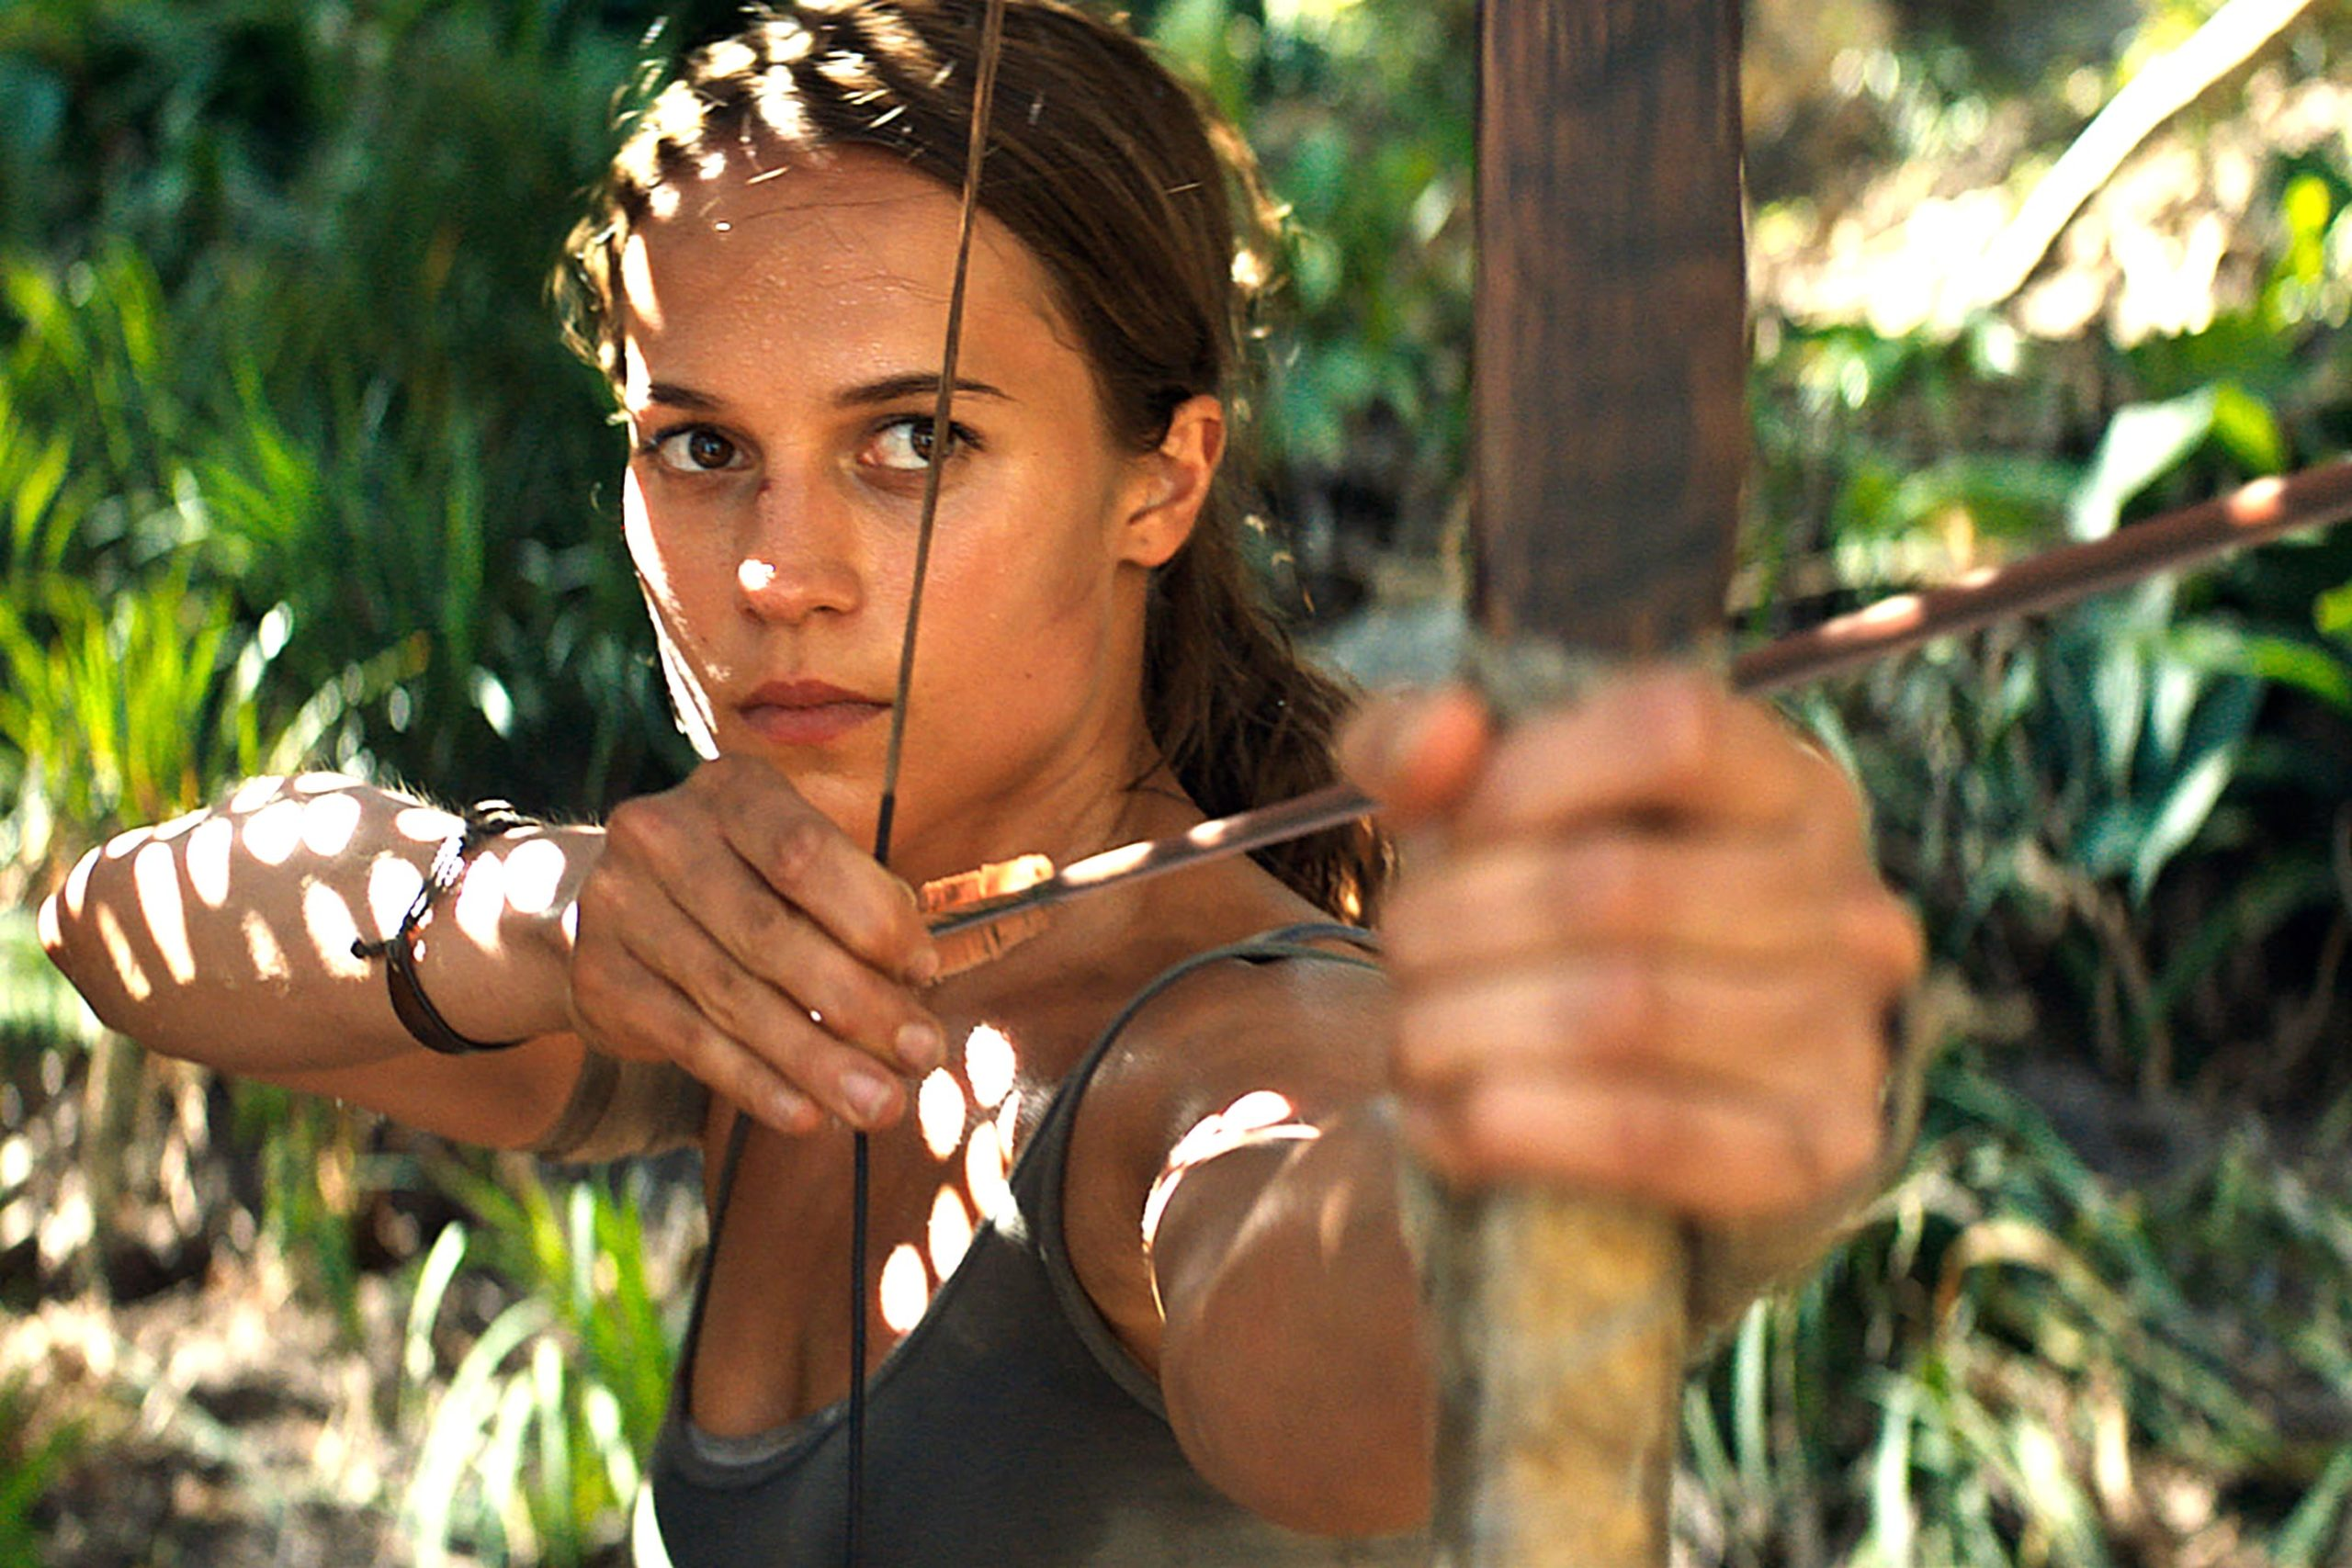 Tomb Raider 2 ficha a Ben Wheatley como director de la secuela